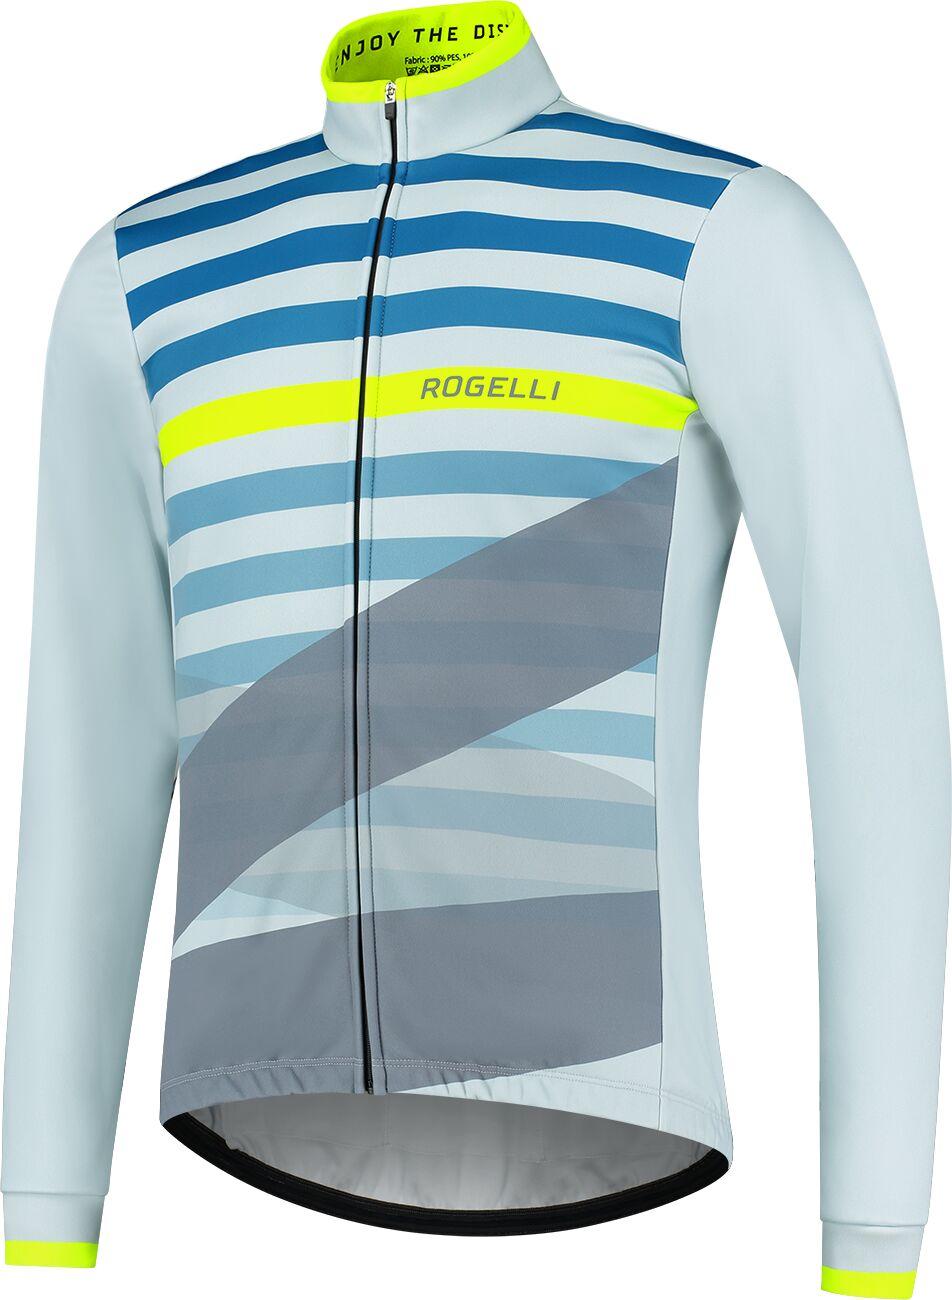 ROGELLI kurtka rowerowa zimowa STRIPE light blue ROG351040 Rozmiar: L,SROG351040.S